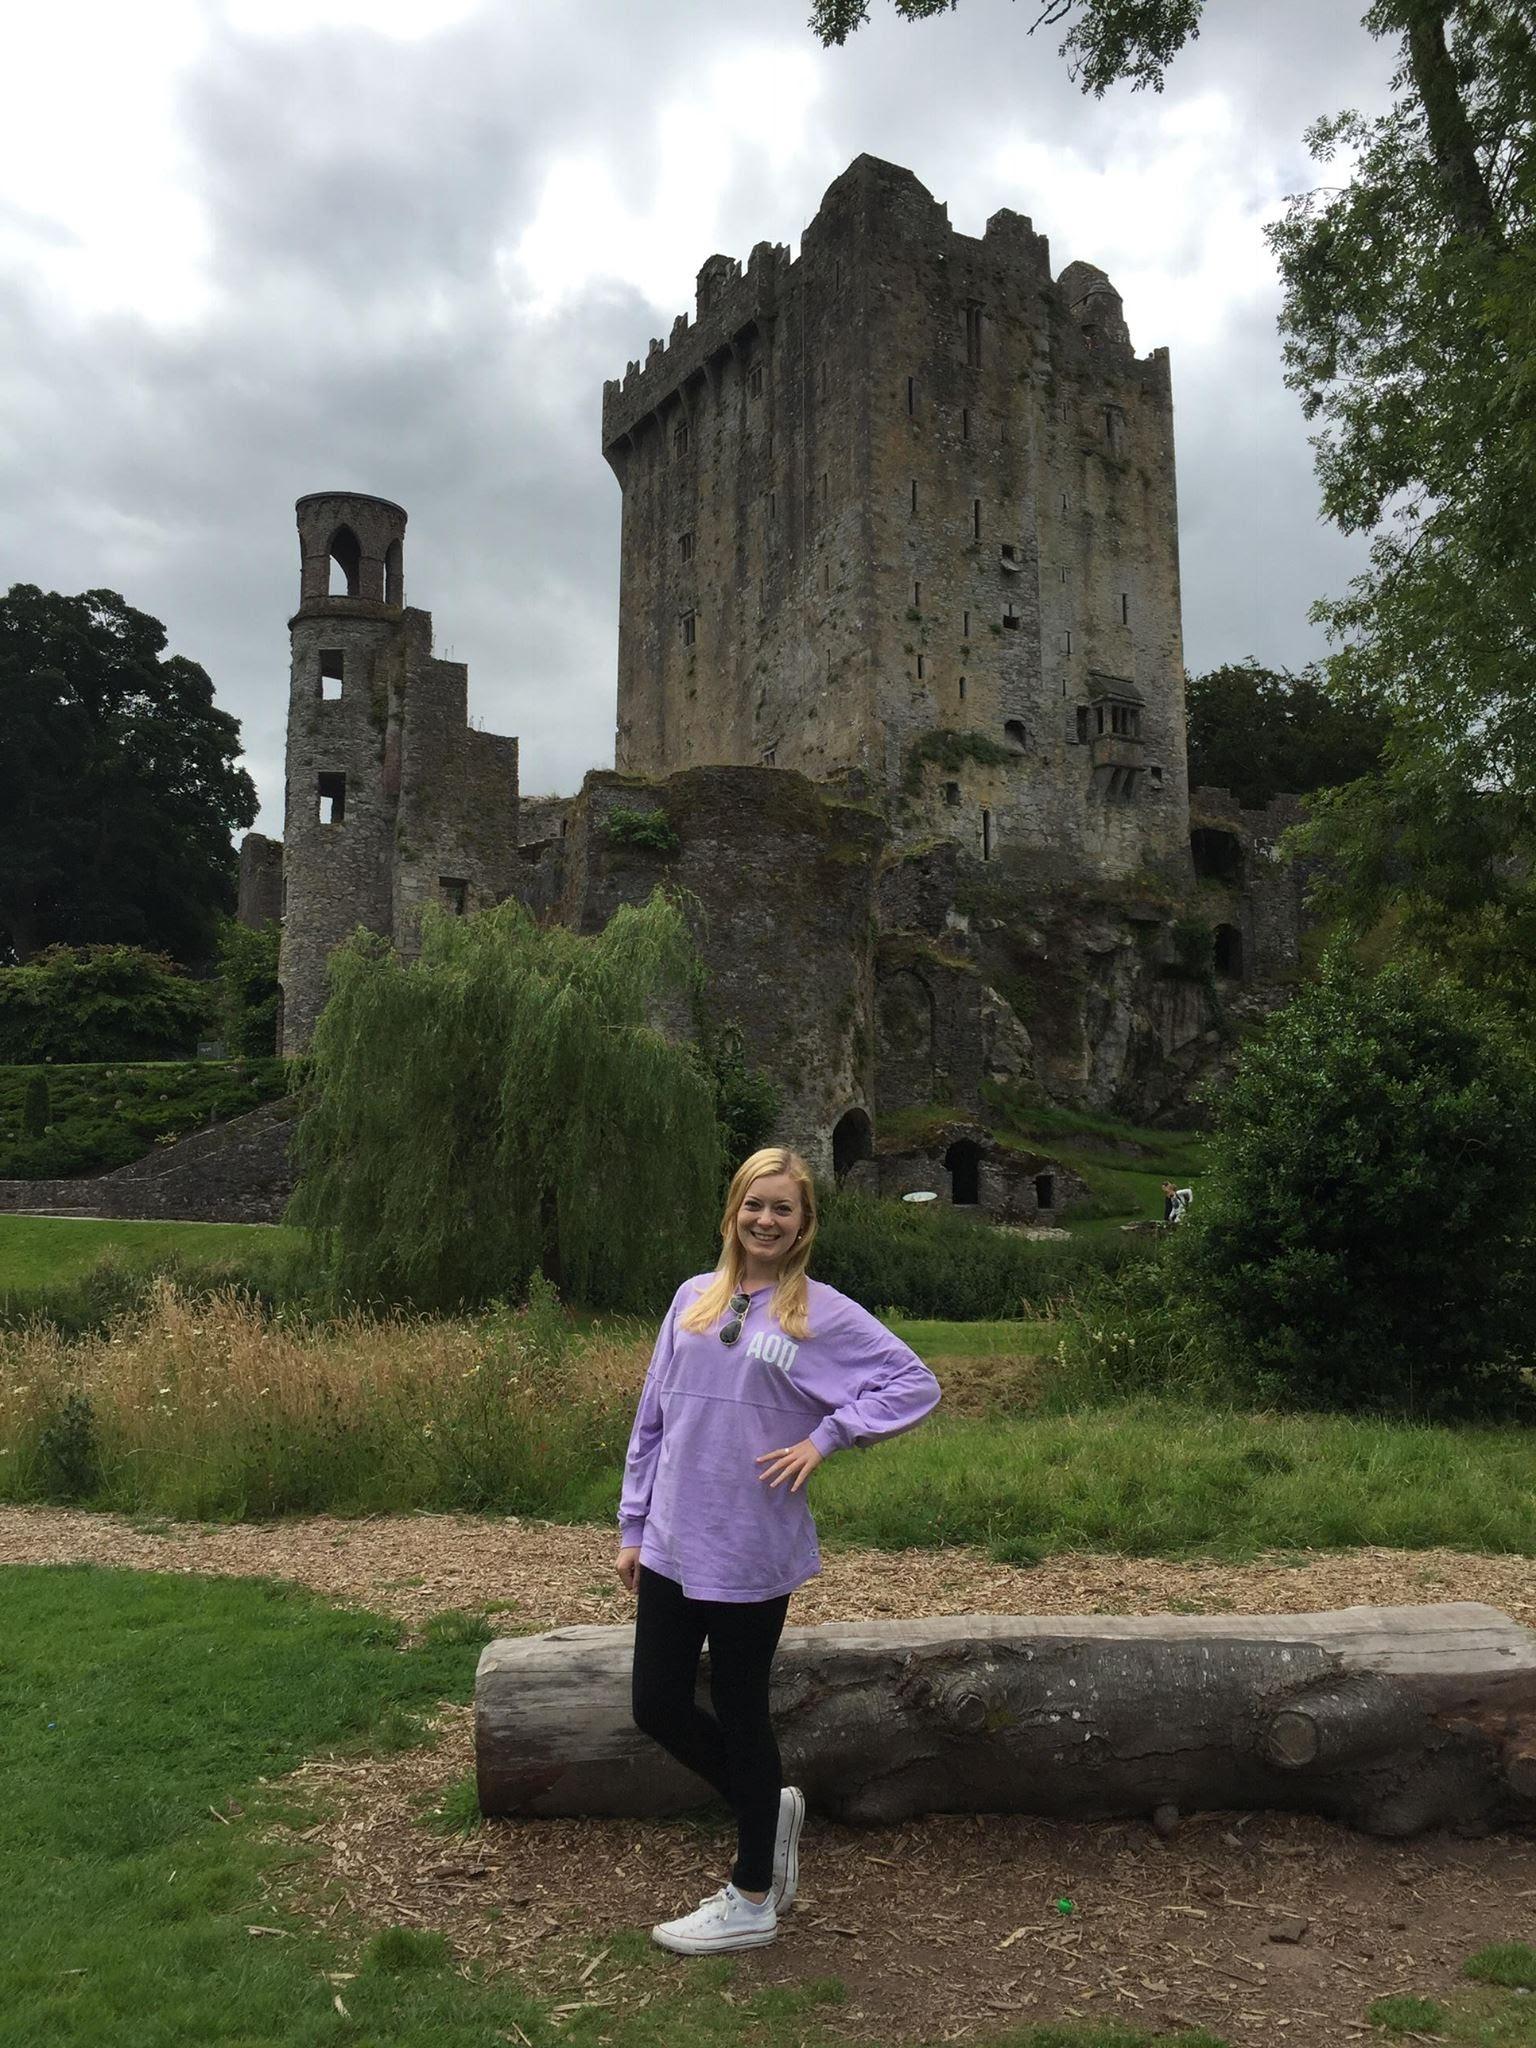 CAPAStudyAbroad_Dublin_Summer2016_From Lily Garnett - BlarneyCastle.jpg